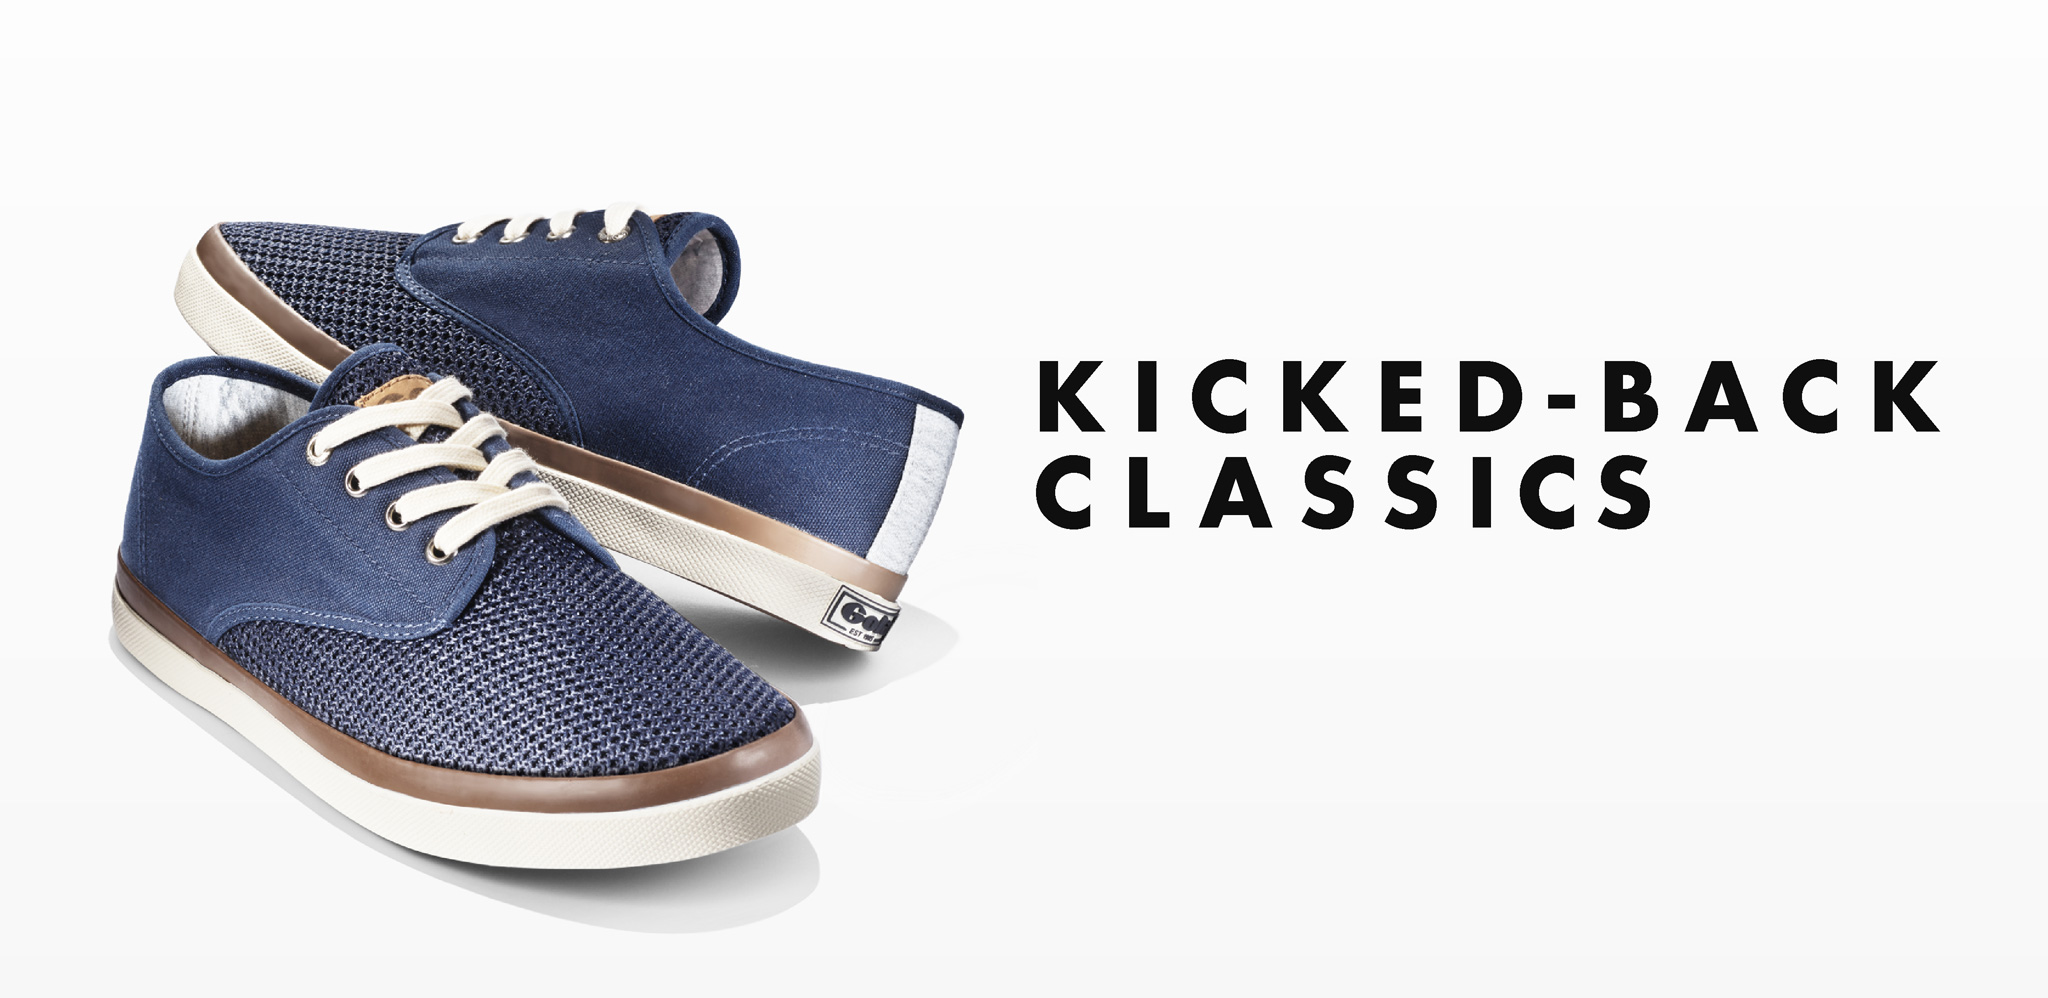 Kicked-Back Classics